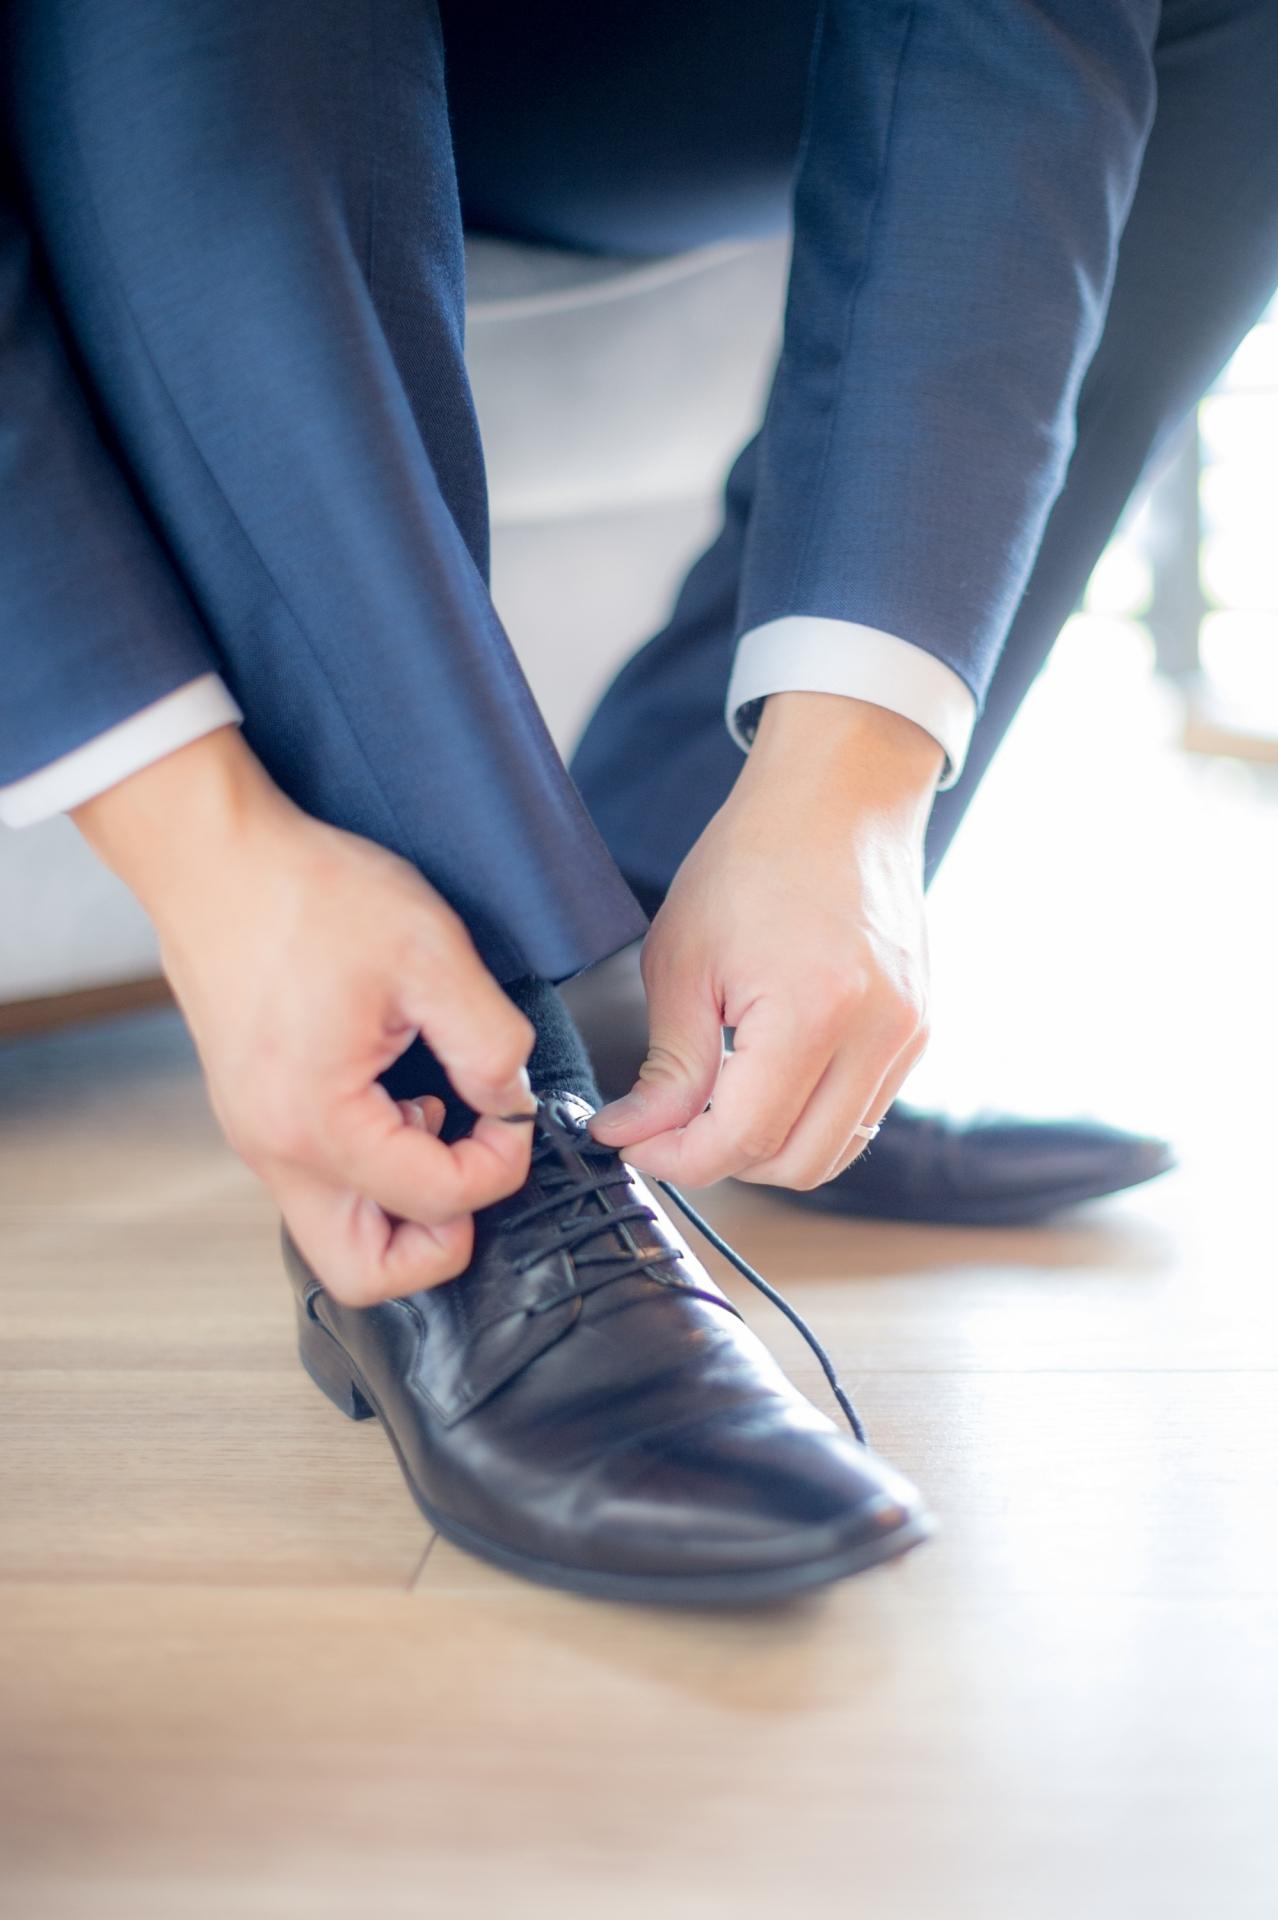 ビジネスシューズのおすすめ11選!防水素材や歩きやすいものも